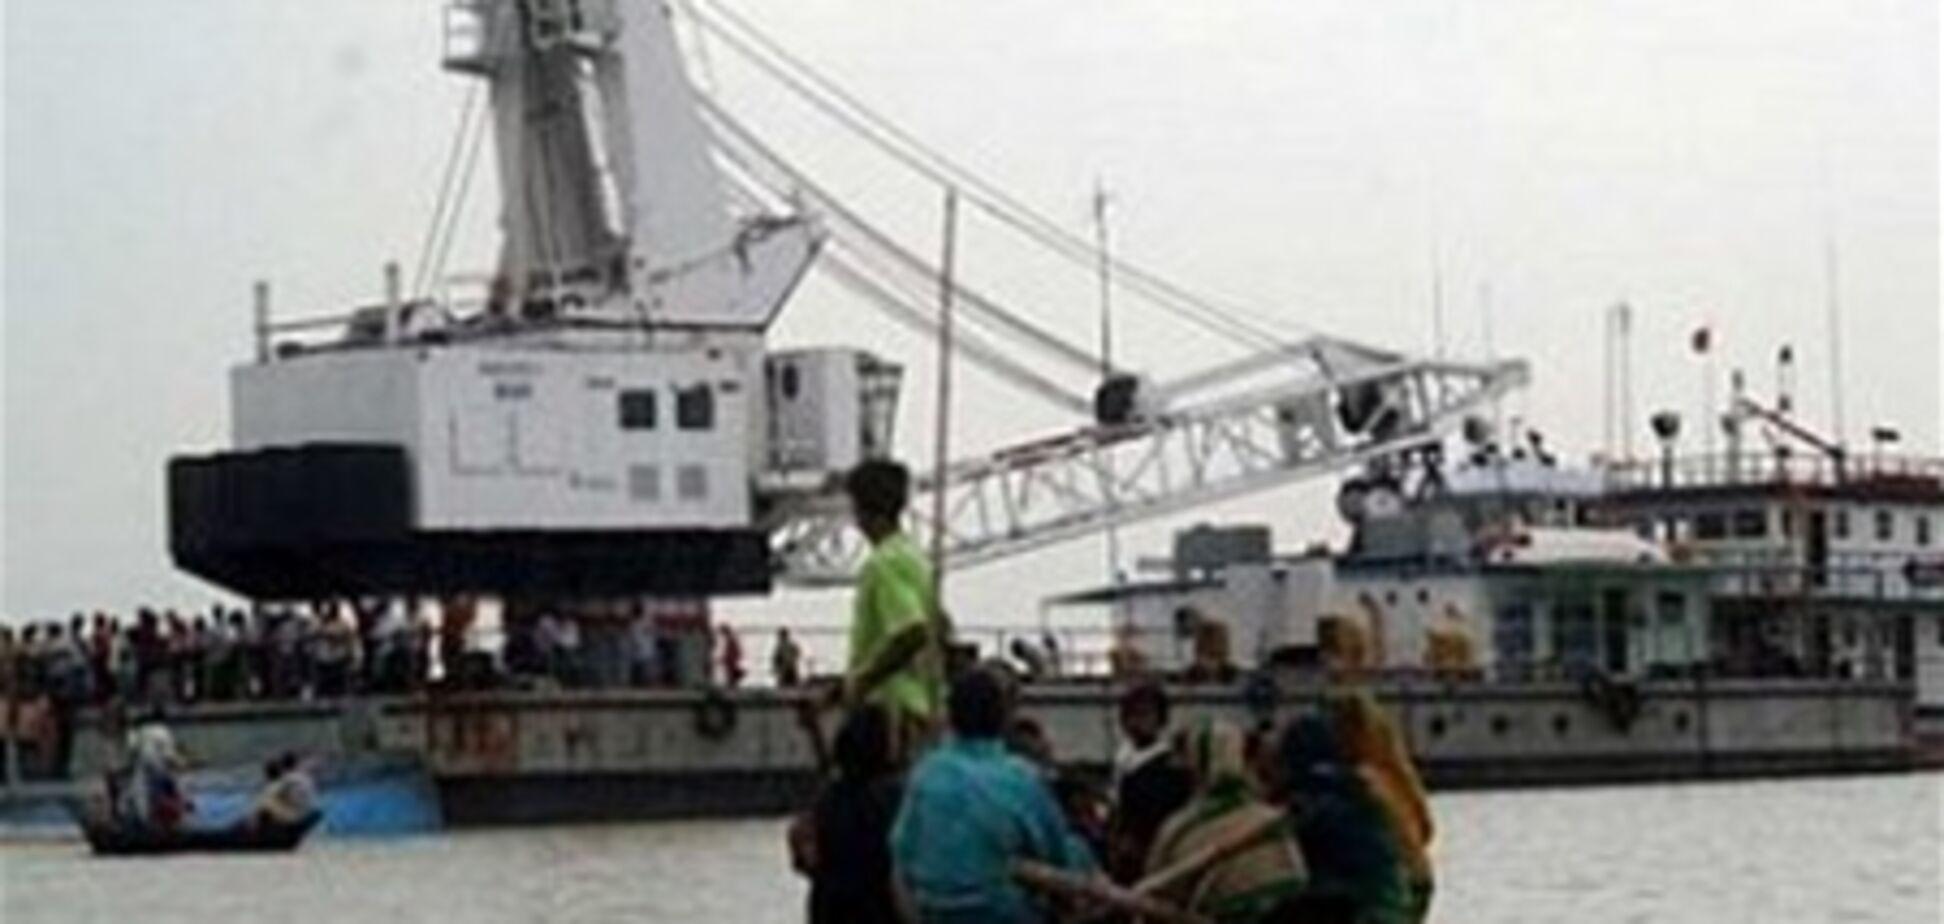 У Бангладеш затонув пором: на борту було 200 людей